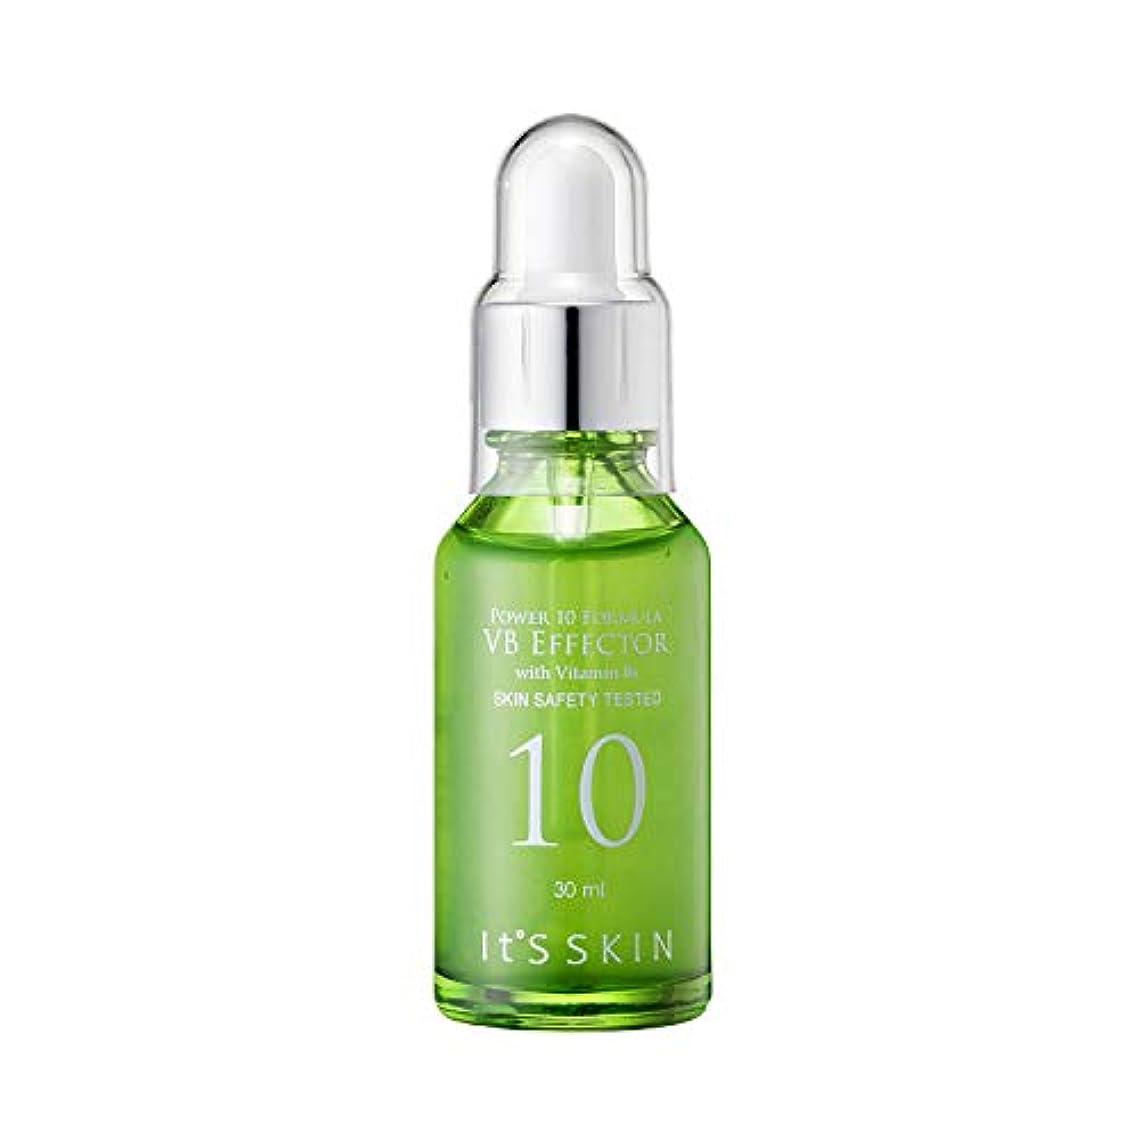 アジア人化学薬品延期するイッツスキン (Its skin) パワー 10 フォーミュラ - VBエフェクター (ビタミンB6セラム) 30ml/1oz